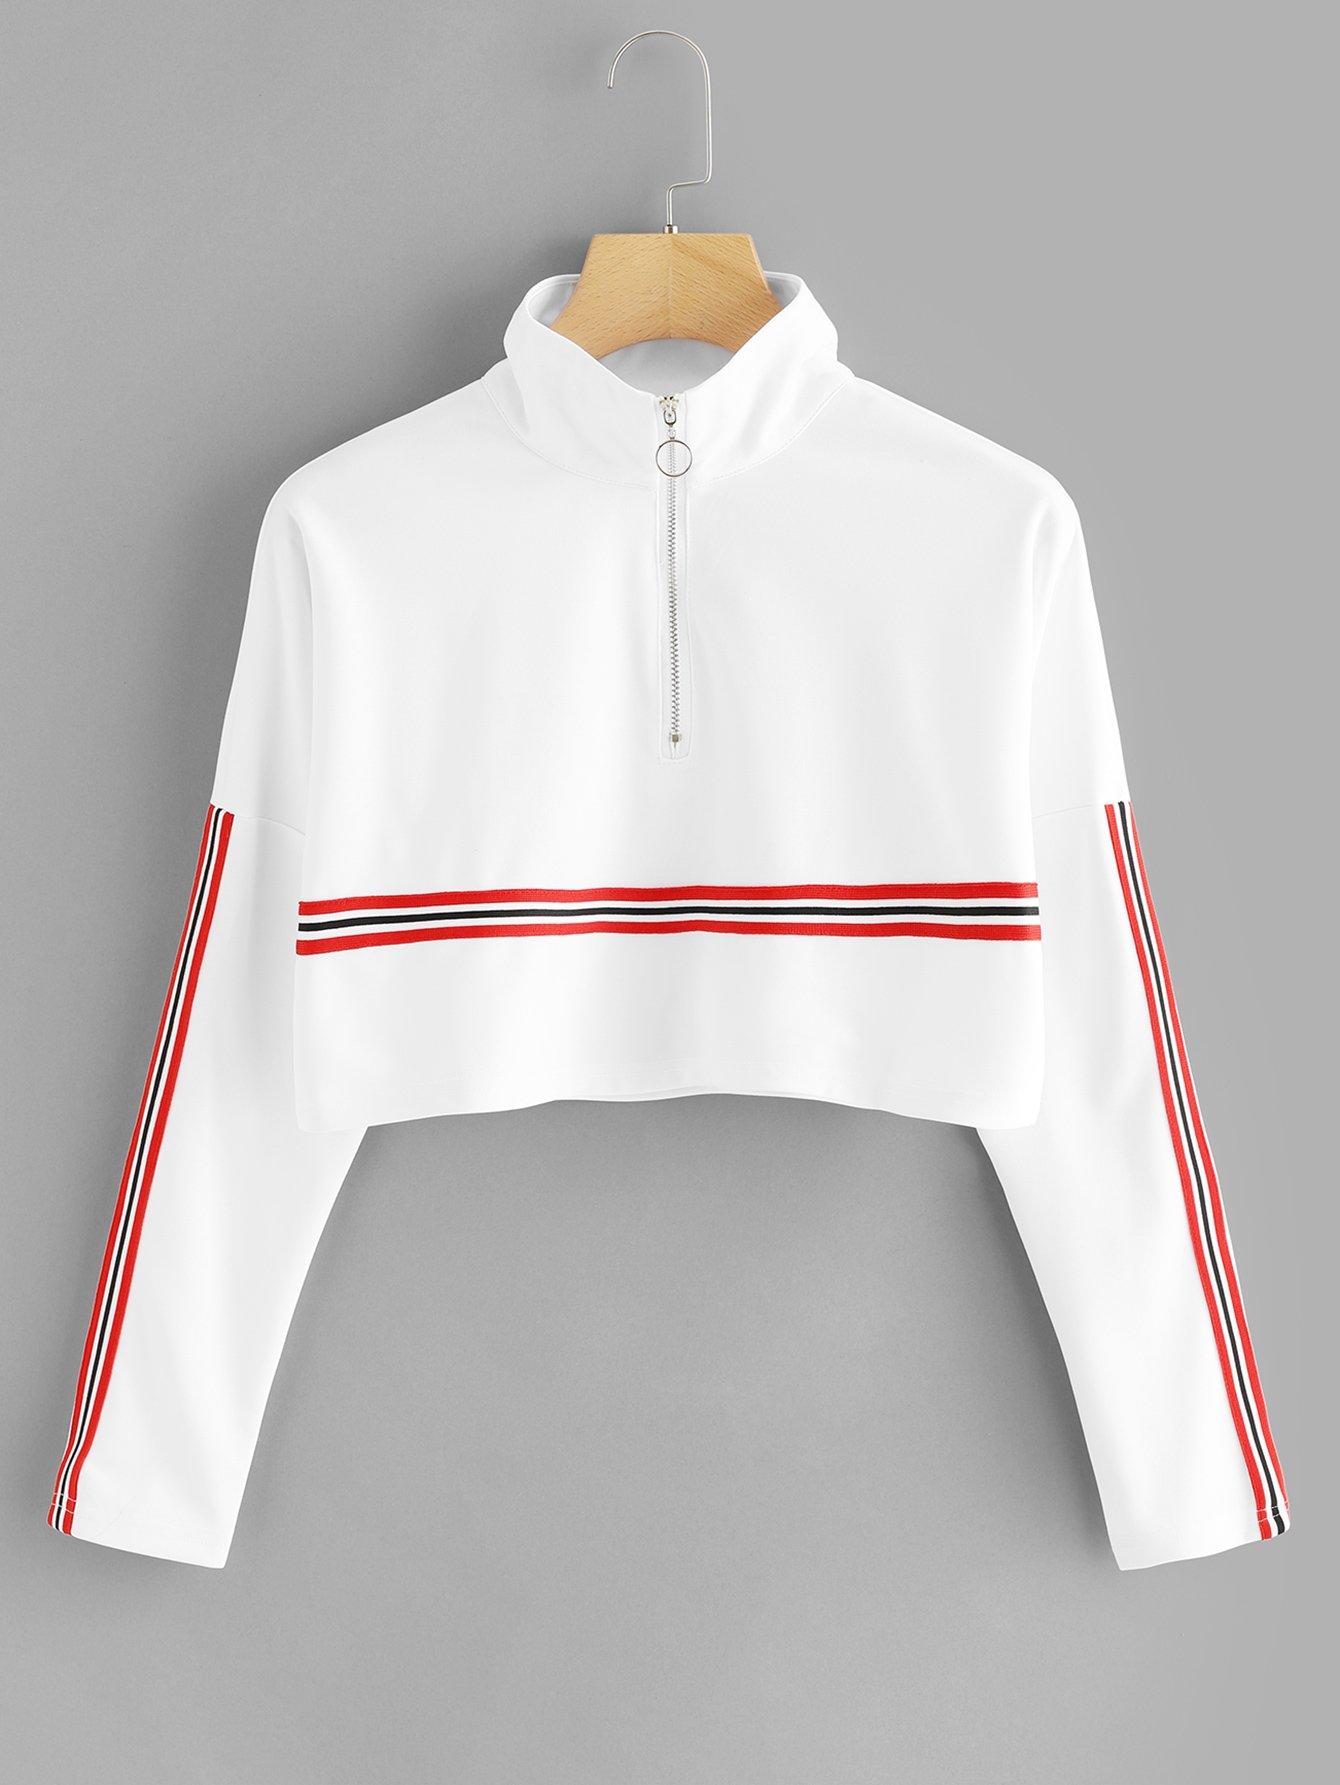 T-Shirt mit sehr tief angesetzter Schulterpartie, Streifen und Reißverschluss